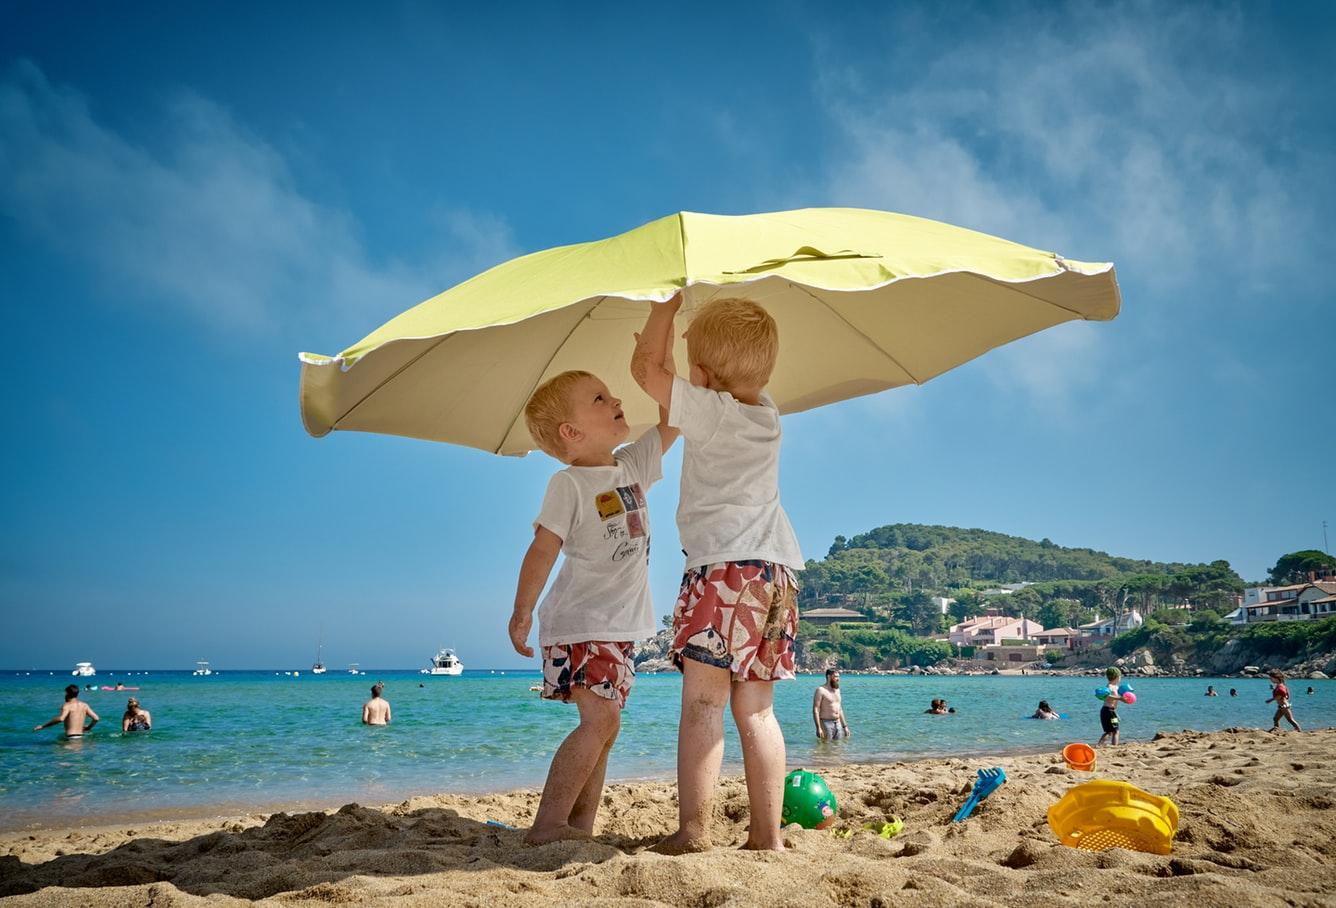 Απίστευτη εικόνα: Δυο παιδιά να παίζουν και να τραγουδούν!